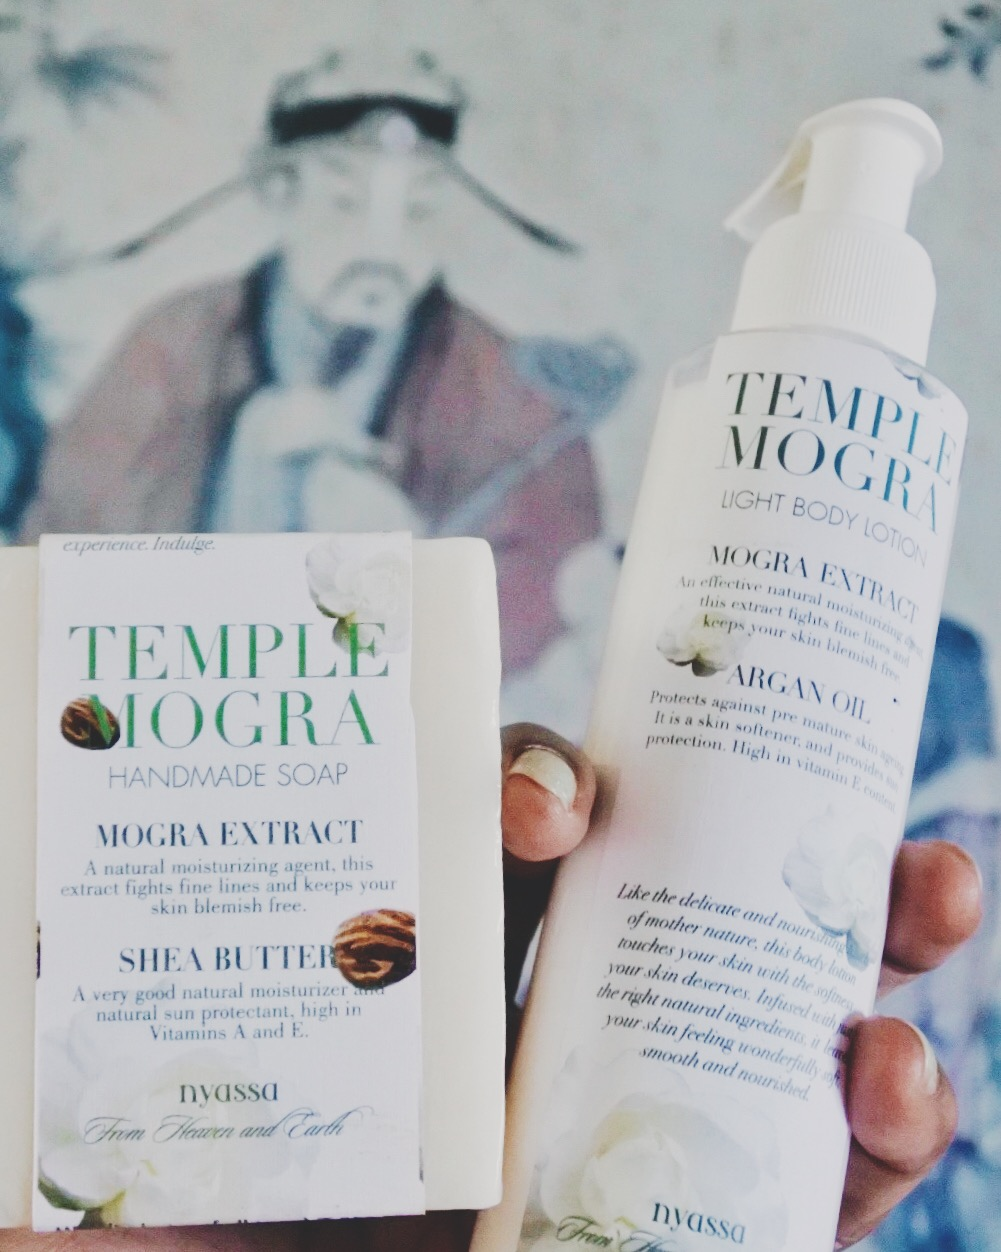 A jasmine soap and body lotion from Nyassa